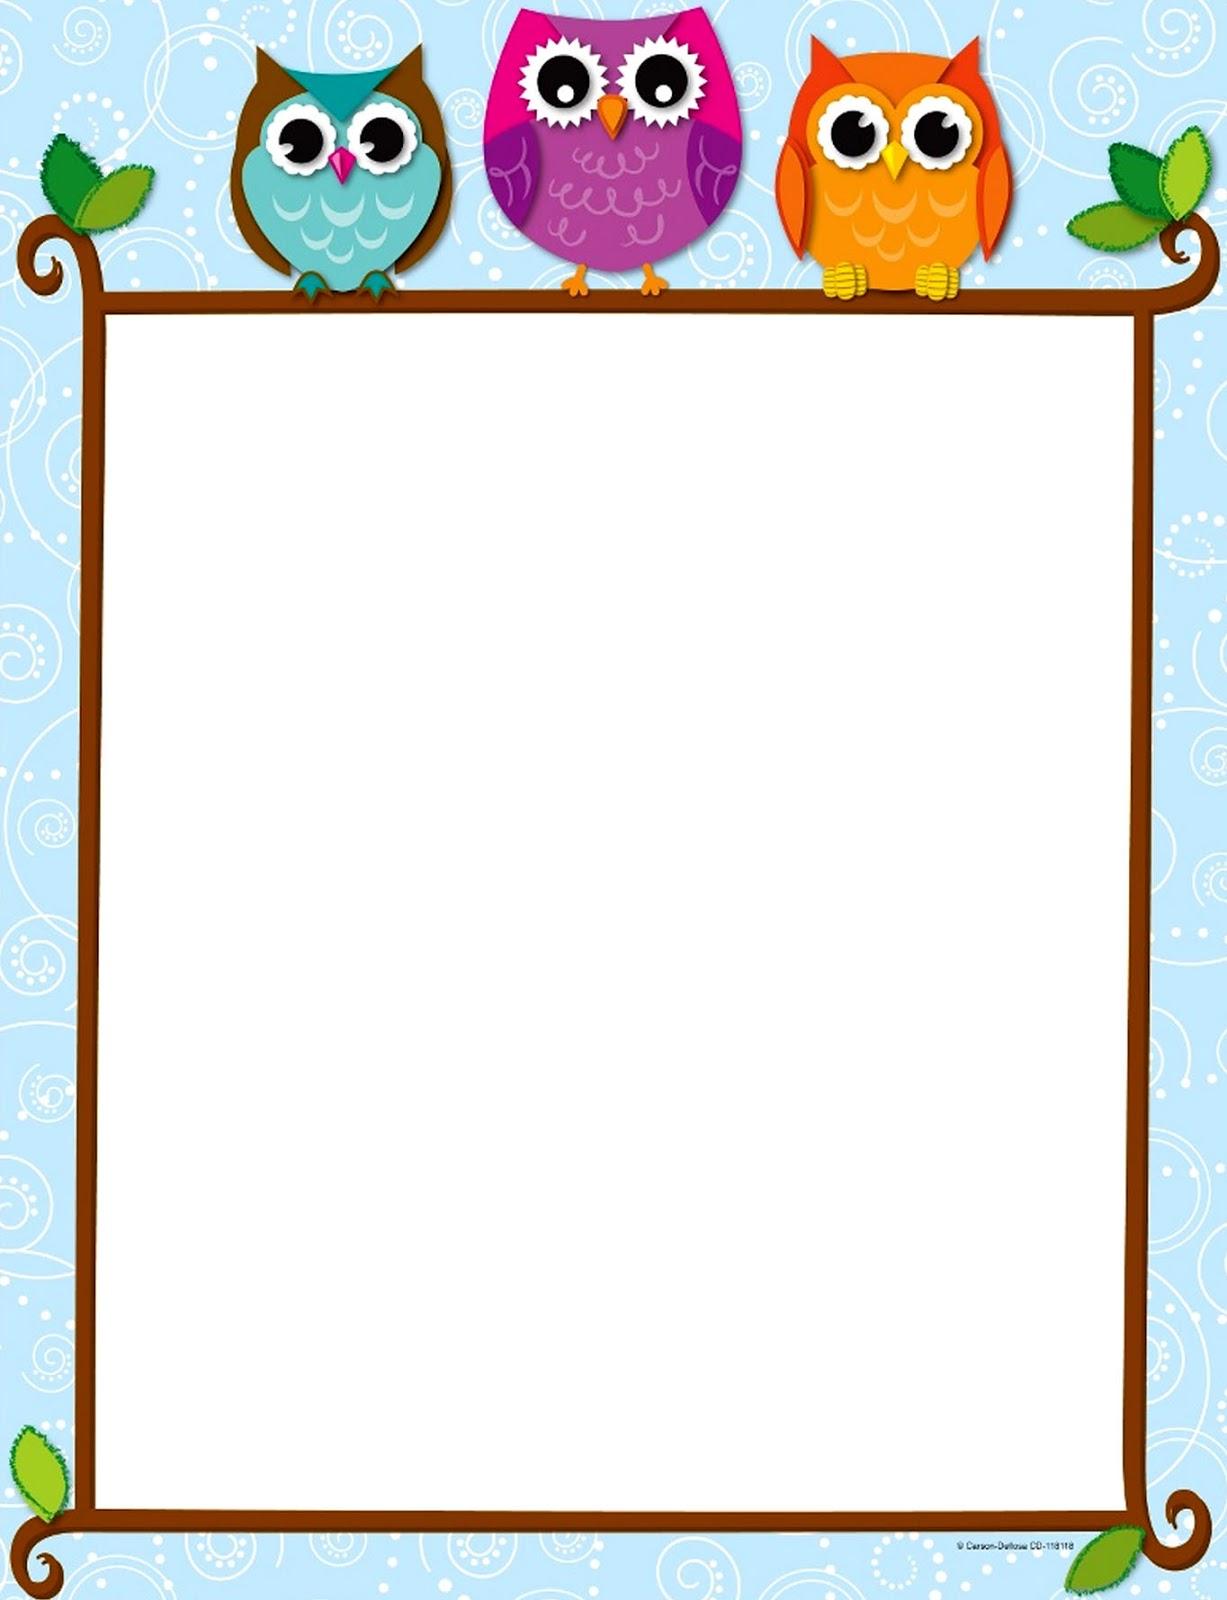 Classroom Design Paper : Bordes decorativos de hojas búhos